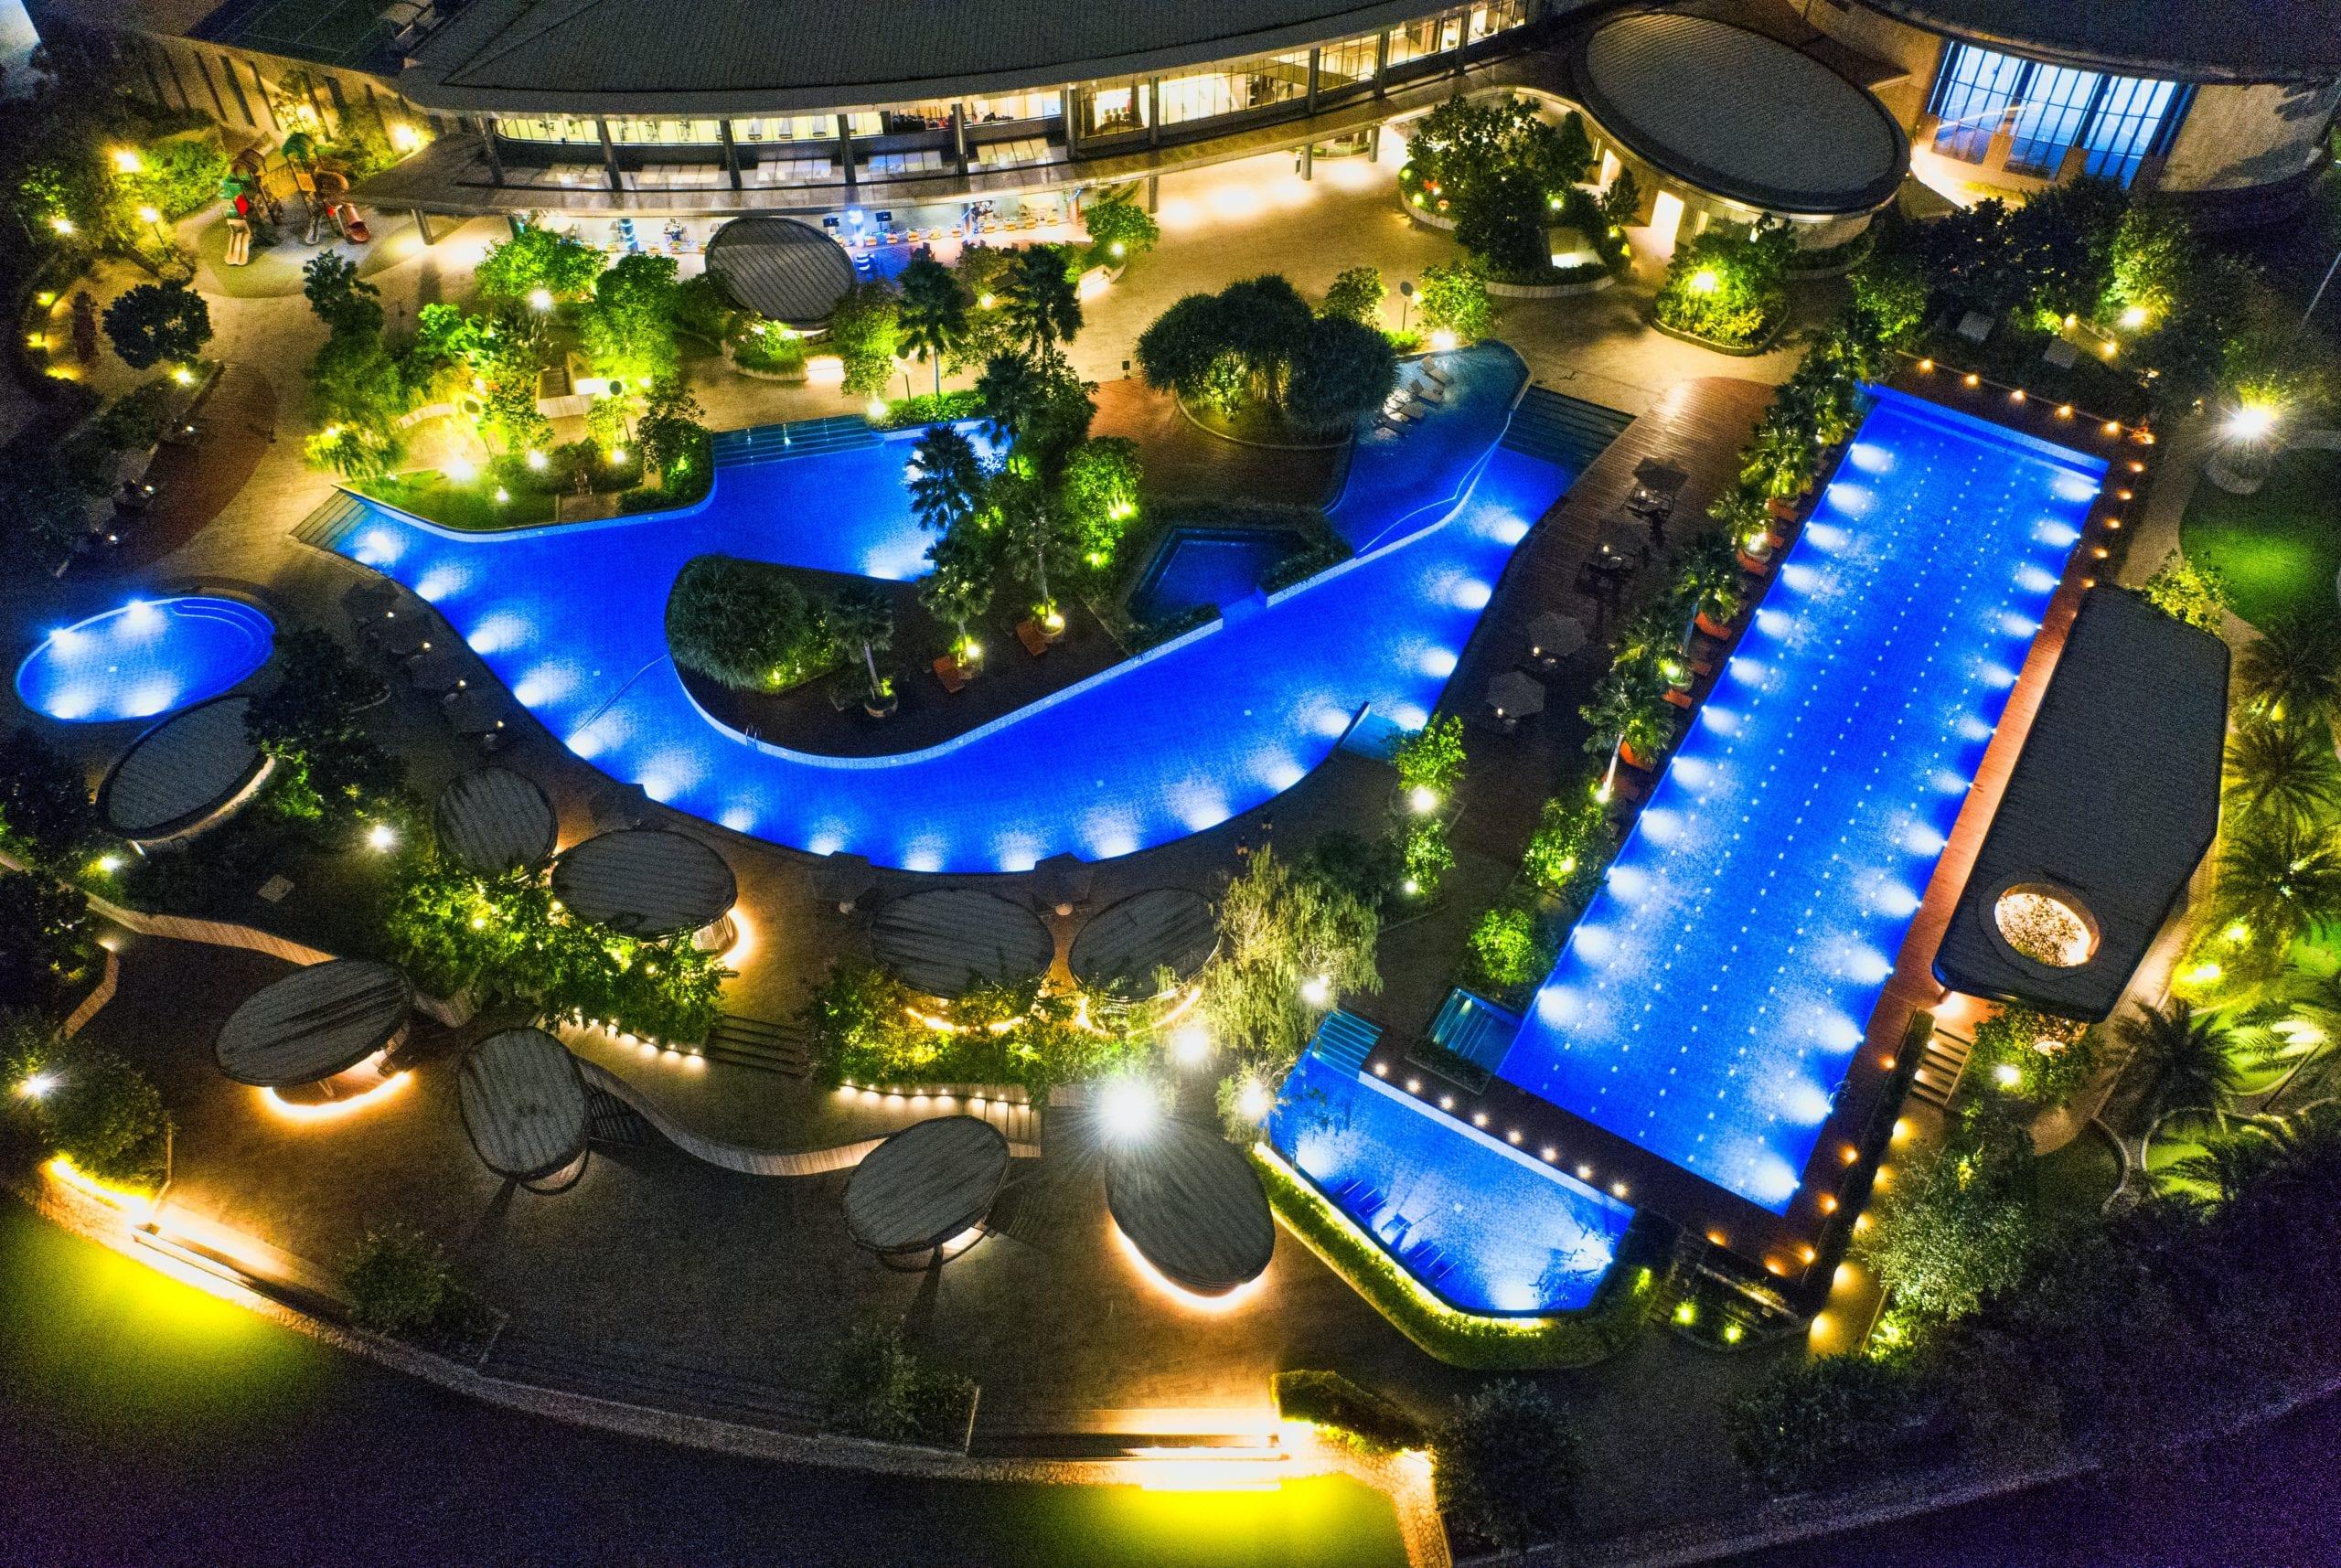 Pool-Licht beleuchtet Pools im Dunkeln.